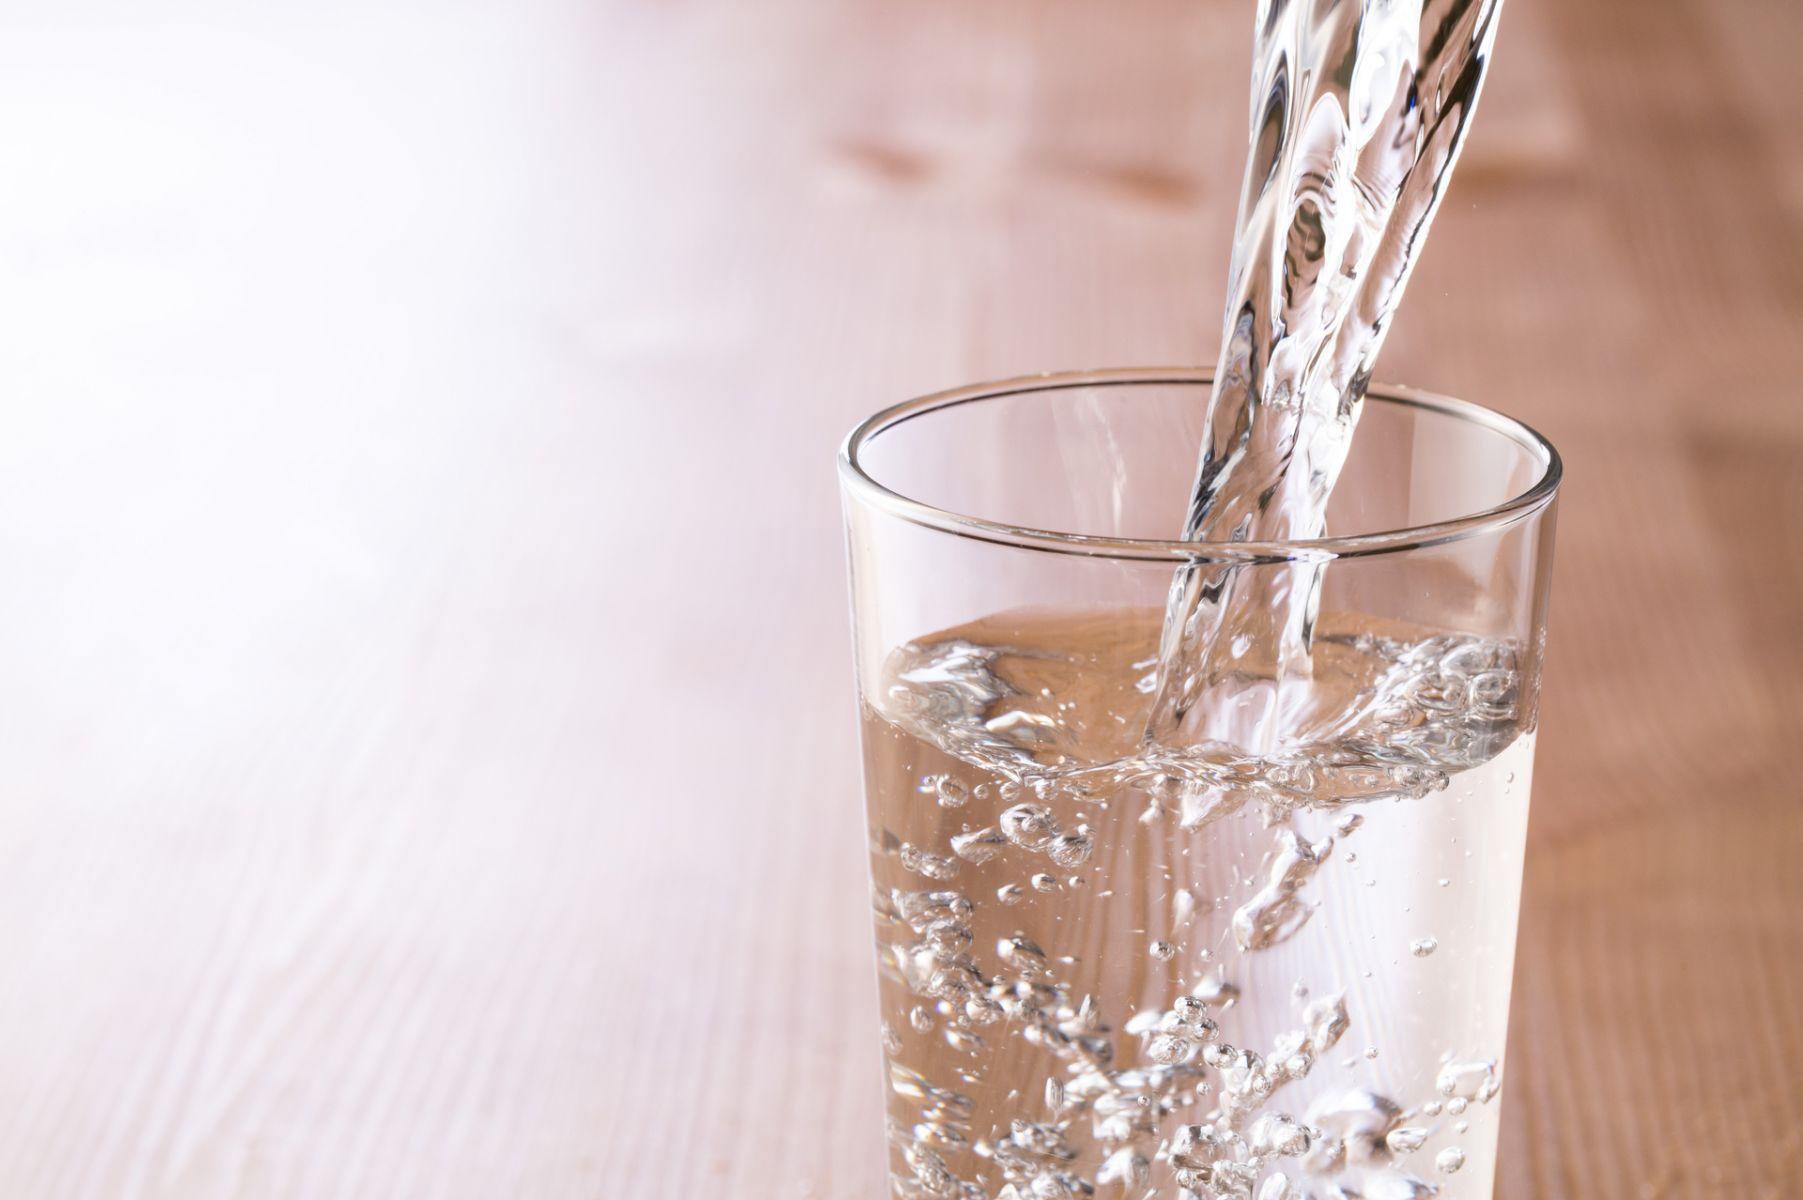 咳嗽、喉嚨痛或嘴破要「喝熱水」還「喝冰水」?耳鼻喉醫師專業解惑,遠離感冒、不適症狀